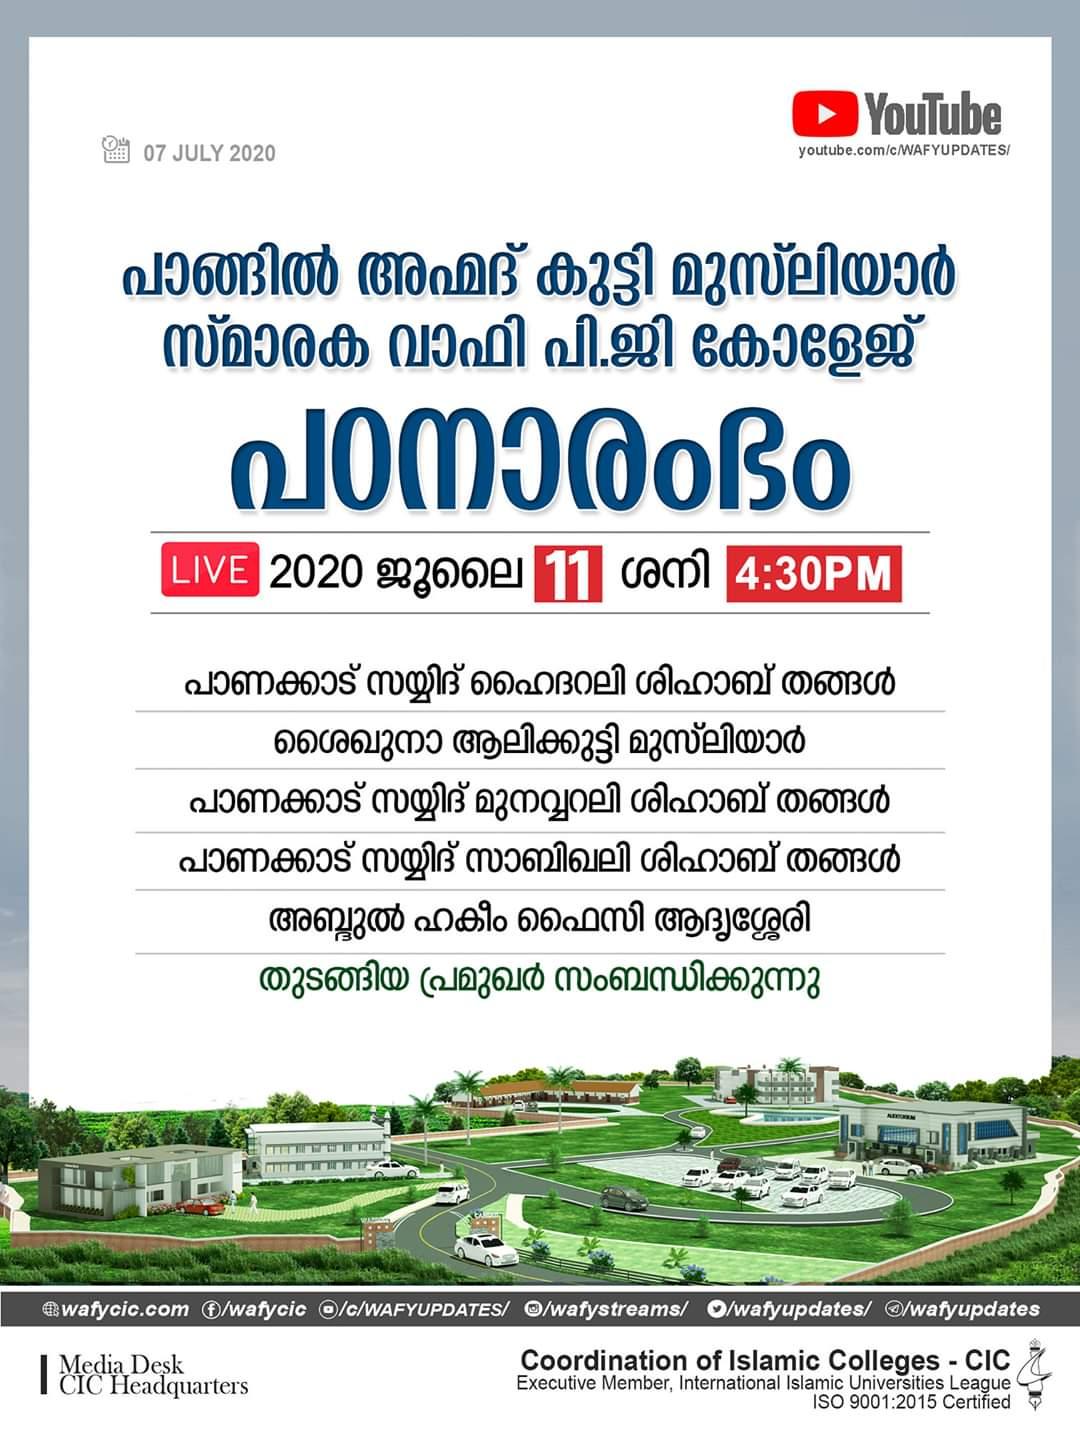 പാങ്ങില് അഹ്മദ് കുട്ടി മുസ്ലിയാര് സ്മാരക വാഫി പി.ജി കോളേജിന്റെ ഓണ്ലൈന് പഠനാരംഭം 2020 ജൂലൈ 11 ന്